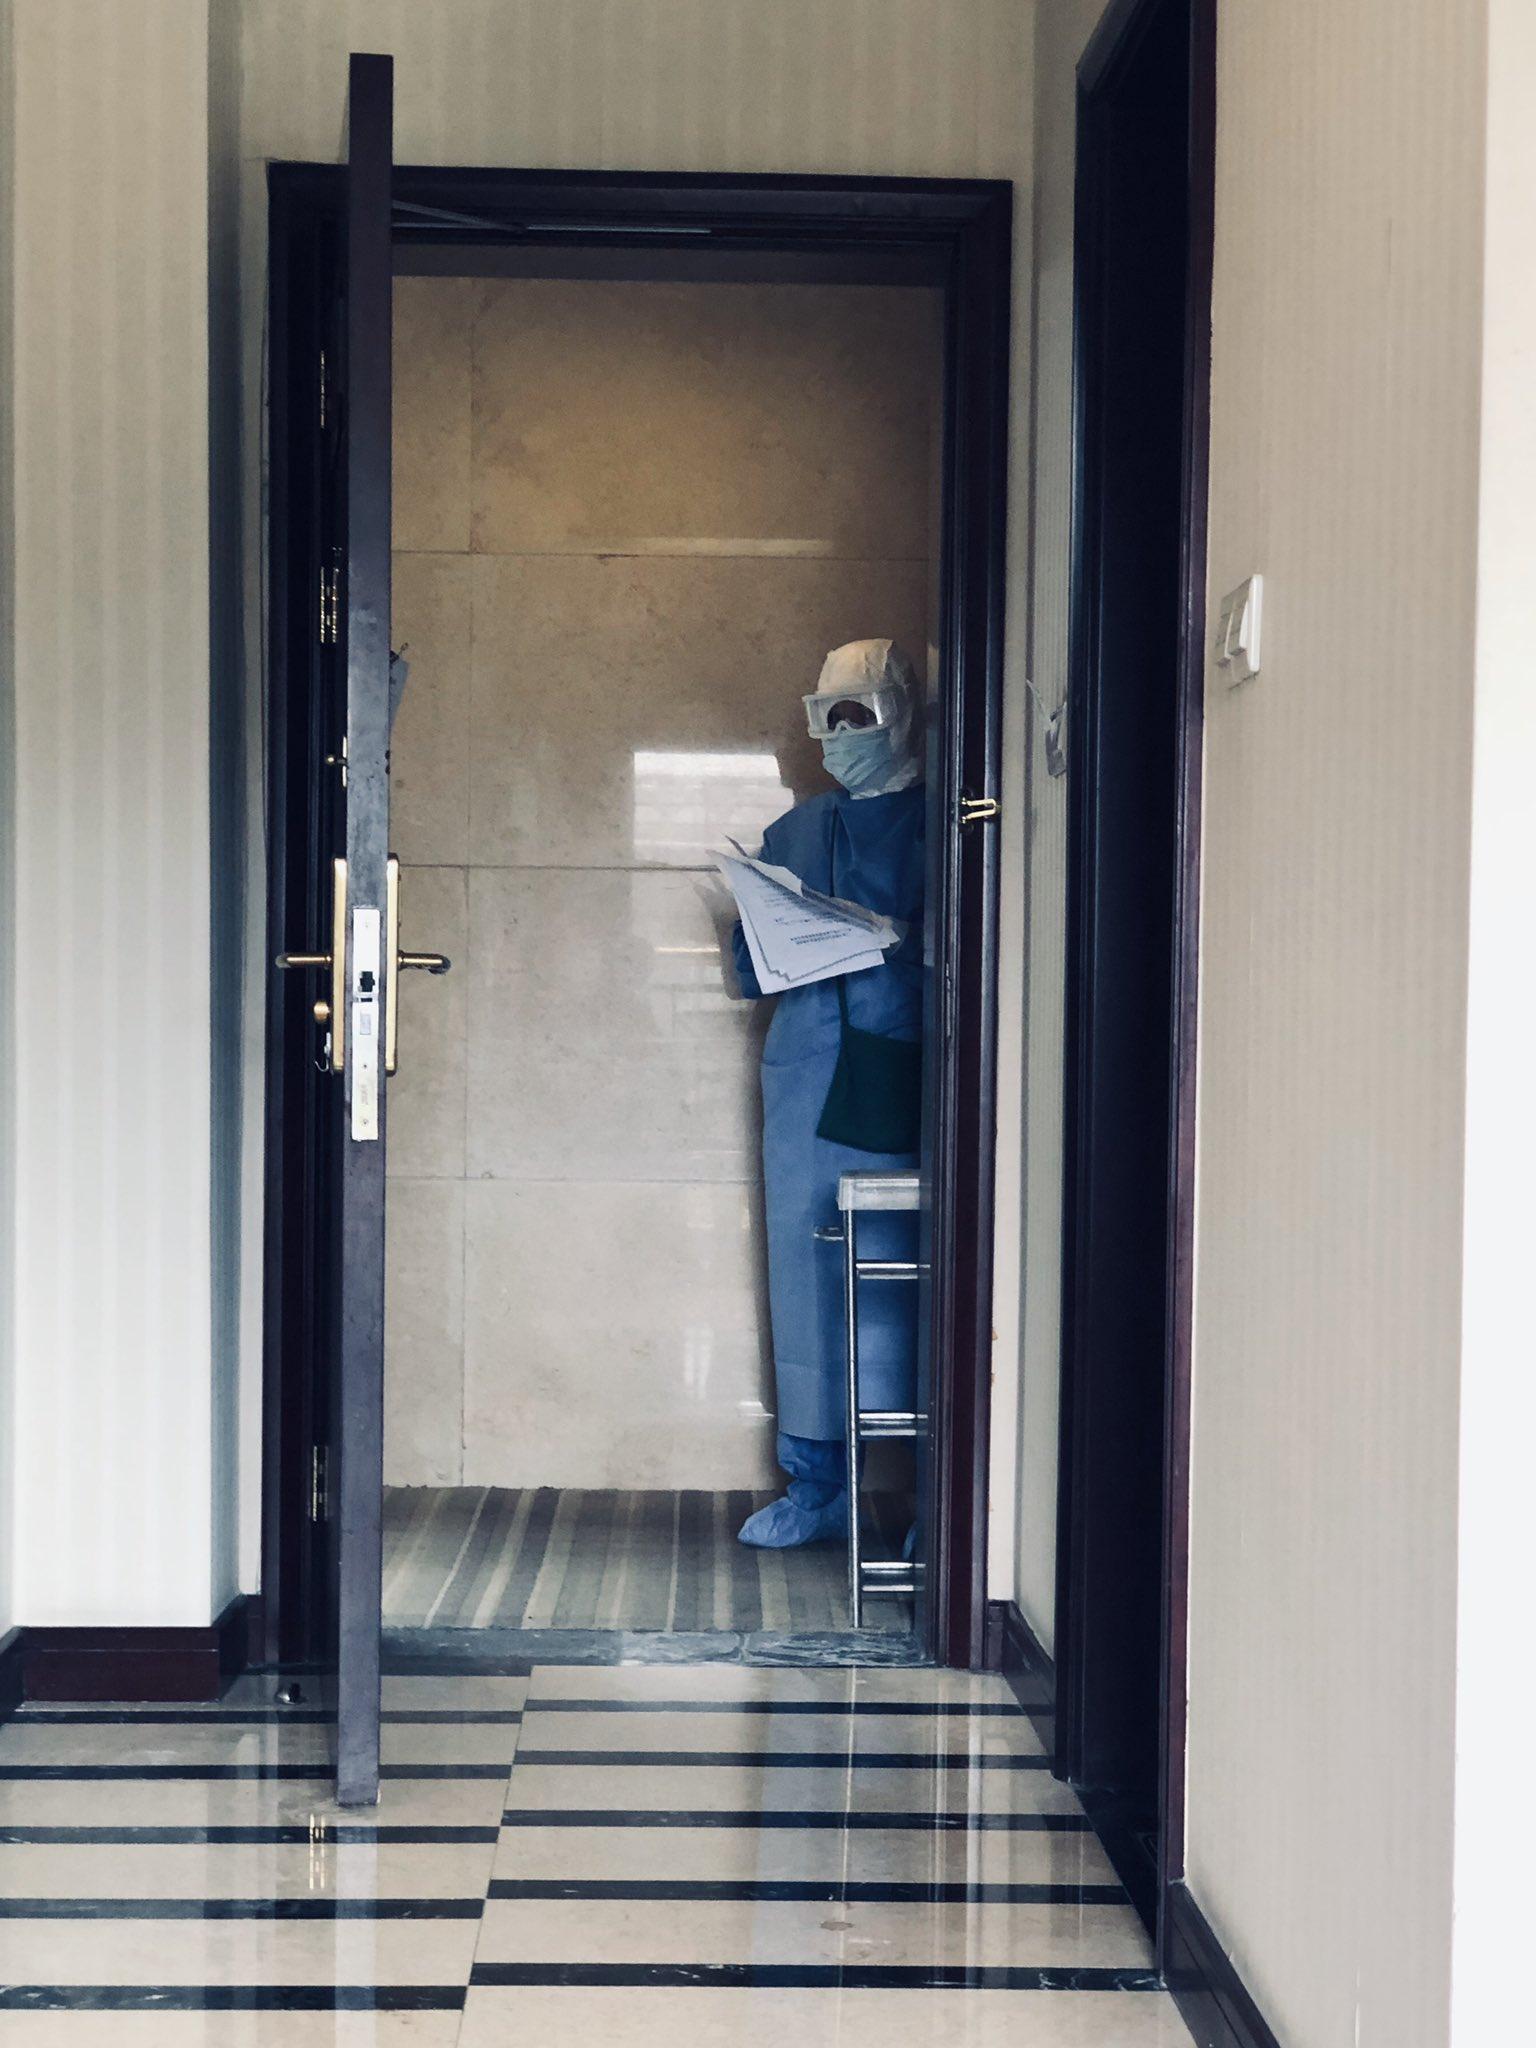 vigilancia en el hotel